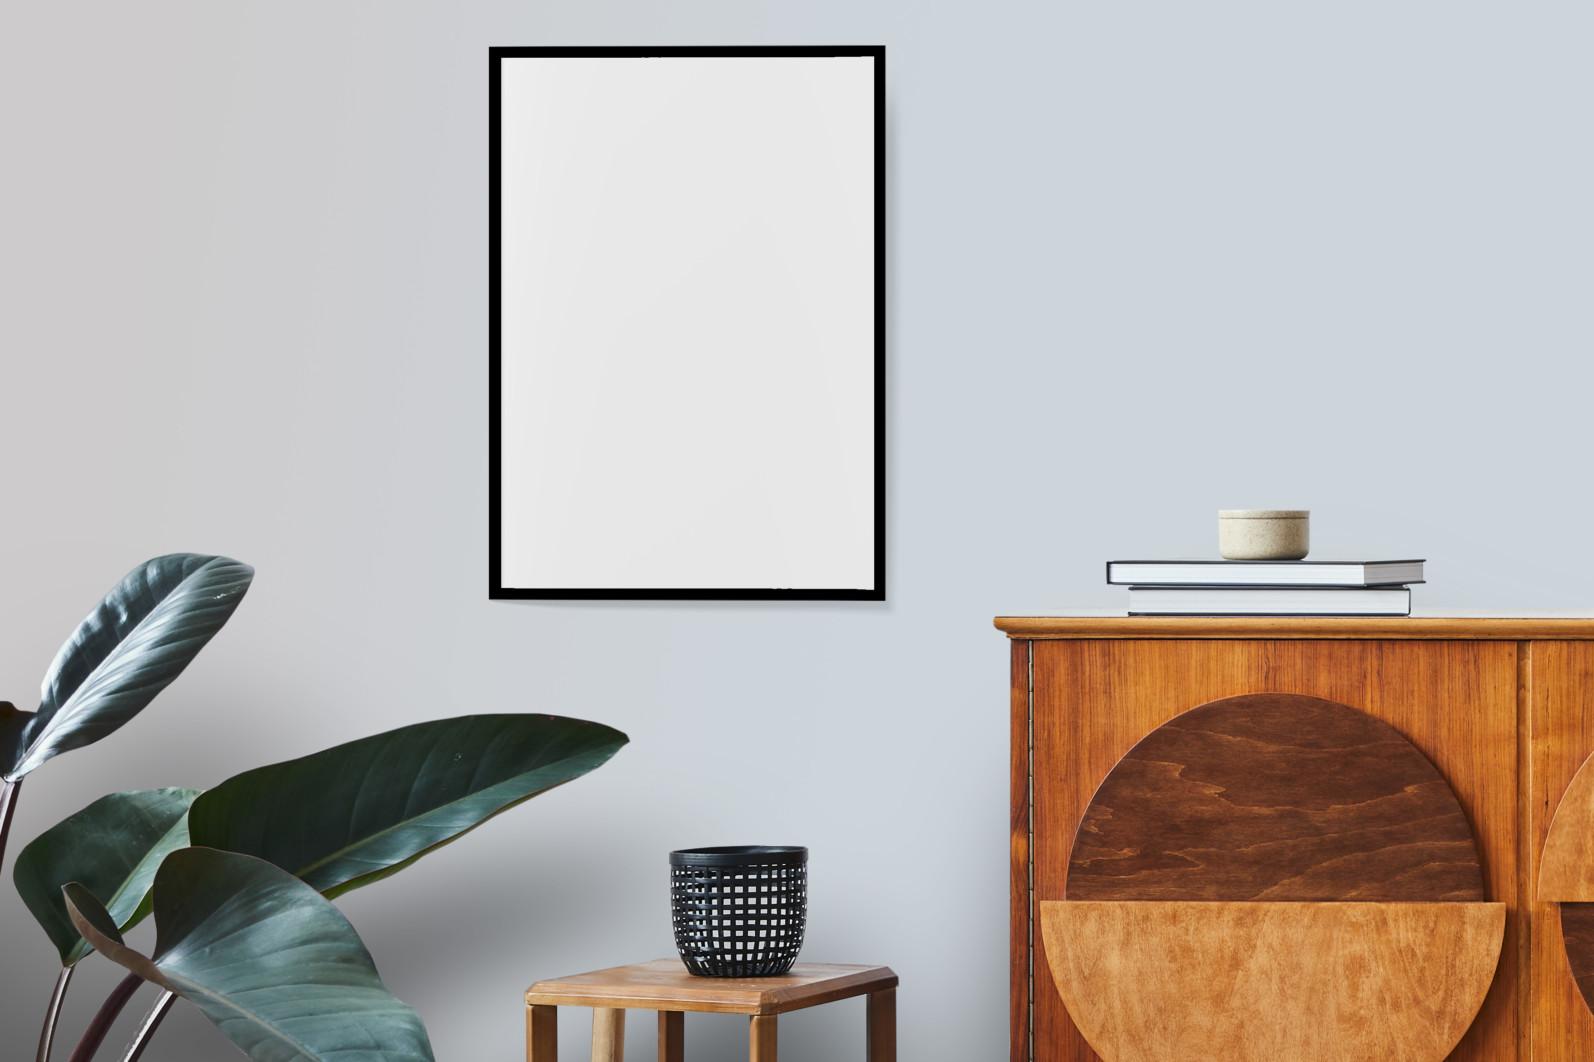 Frame Mockup #1521, Black Portrait Frame Mockup, Living Room Frame Mockup - 1521 JPEG scaled -